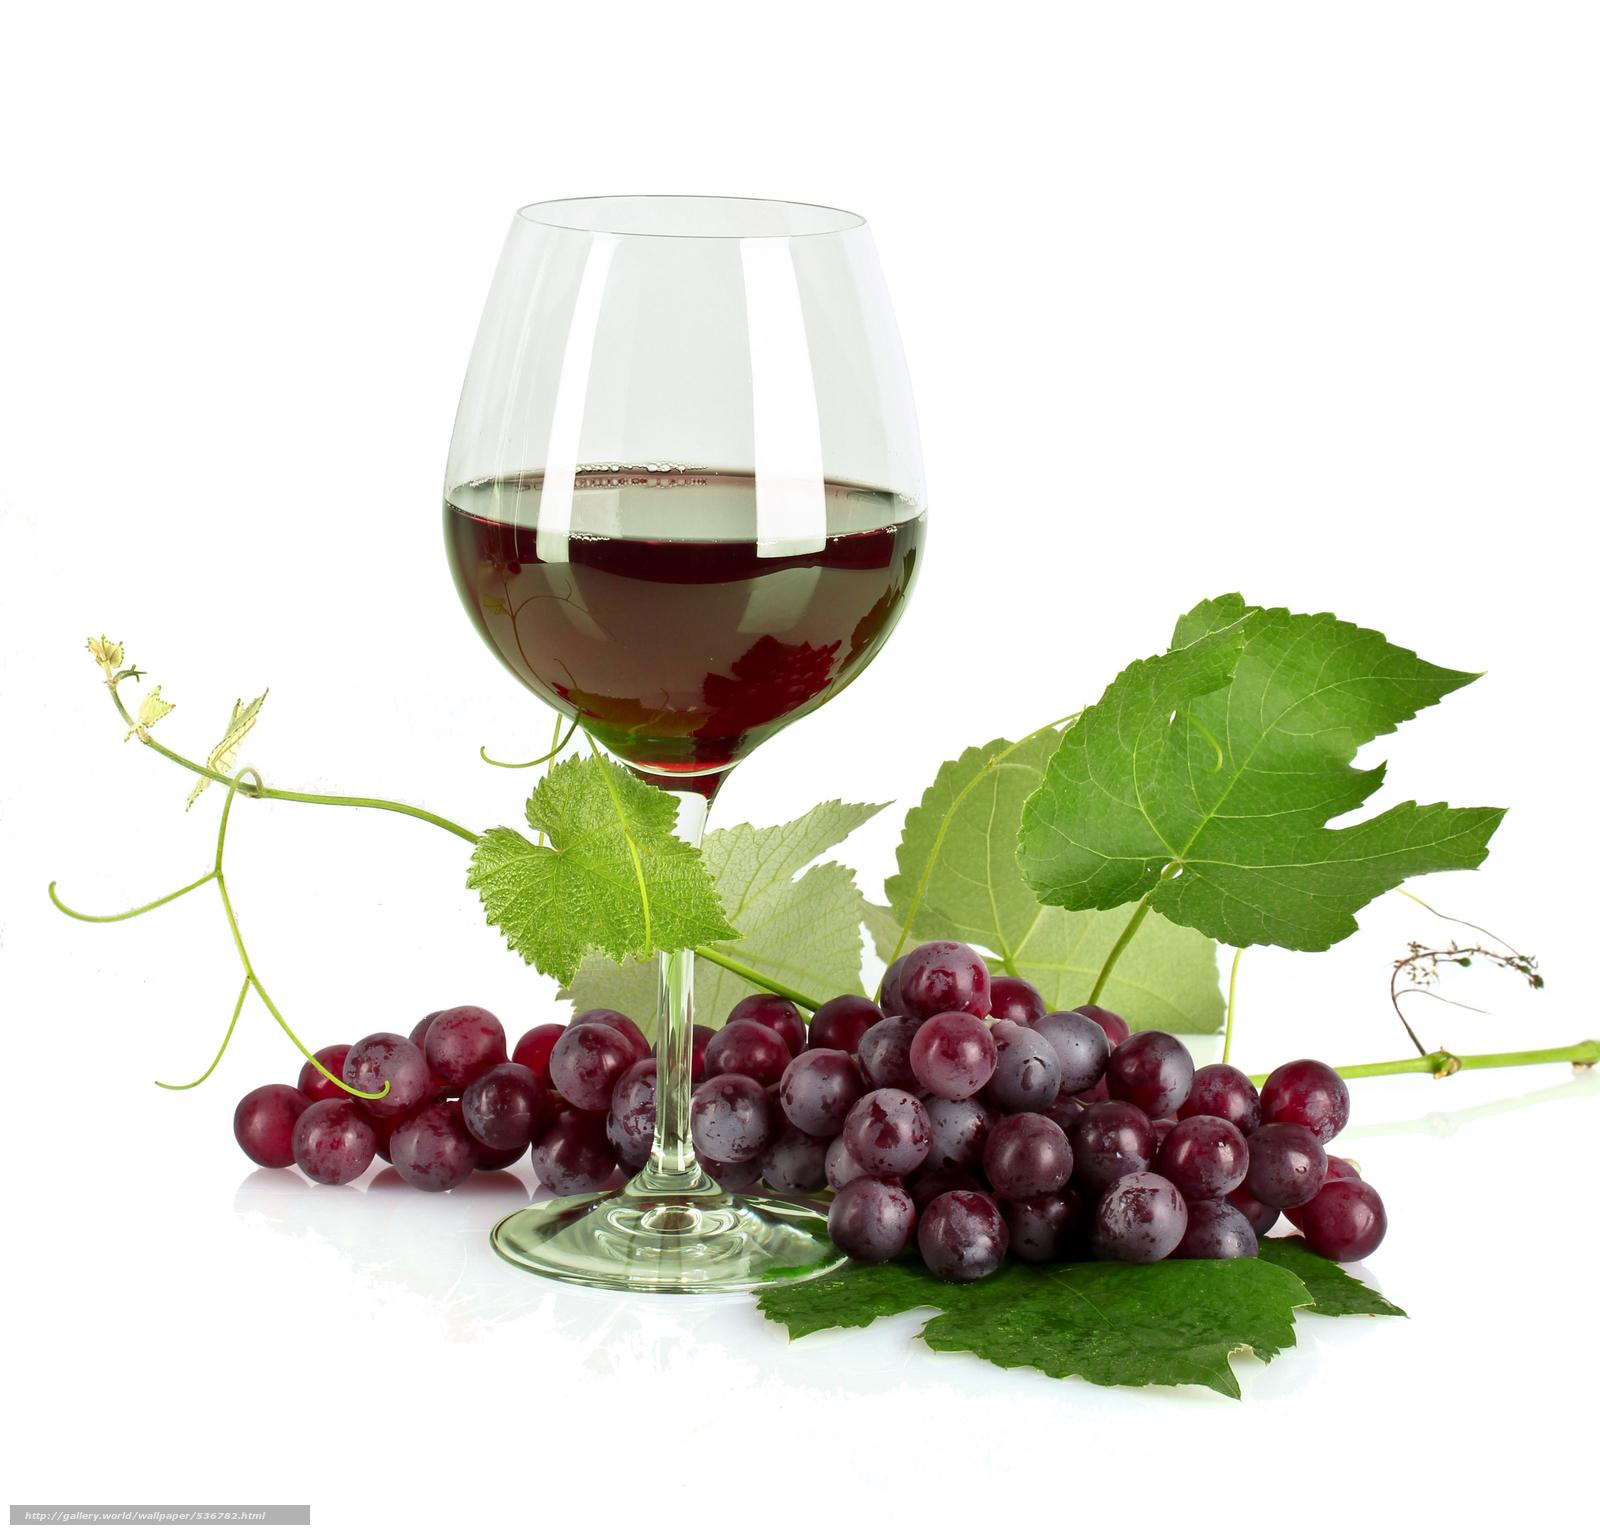 536782_vino_vinograd_listya_6912x6632_www.Gde-Fon.com[1]